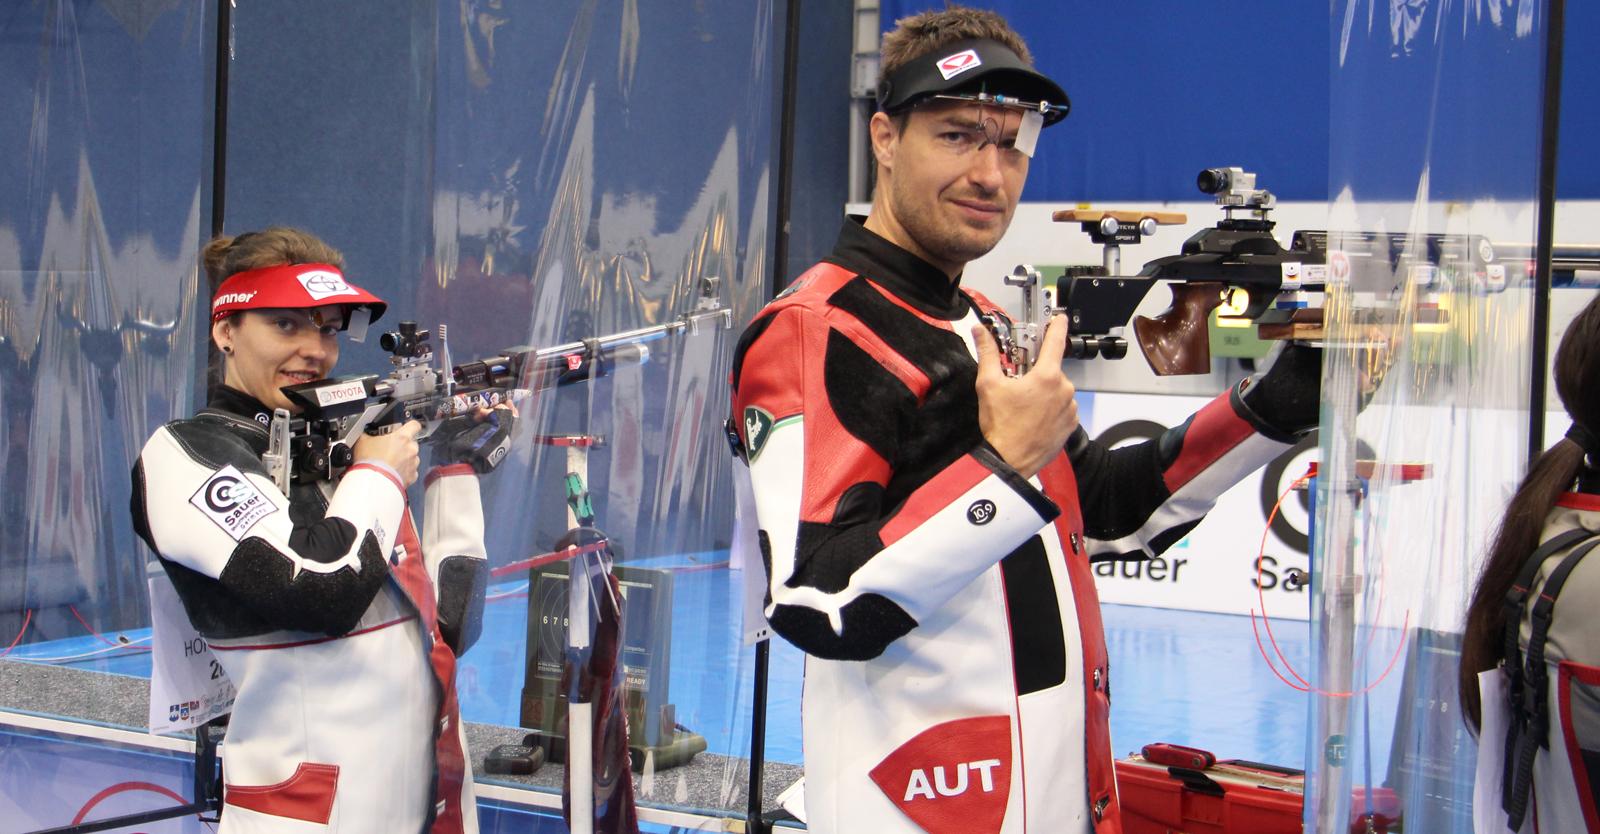 Olivia Hofmann & Martin Strempfl erreichten im LG-Mixed-Team Rang 23 © Margit Melmer, ÖSB